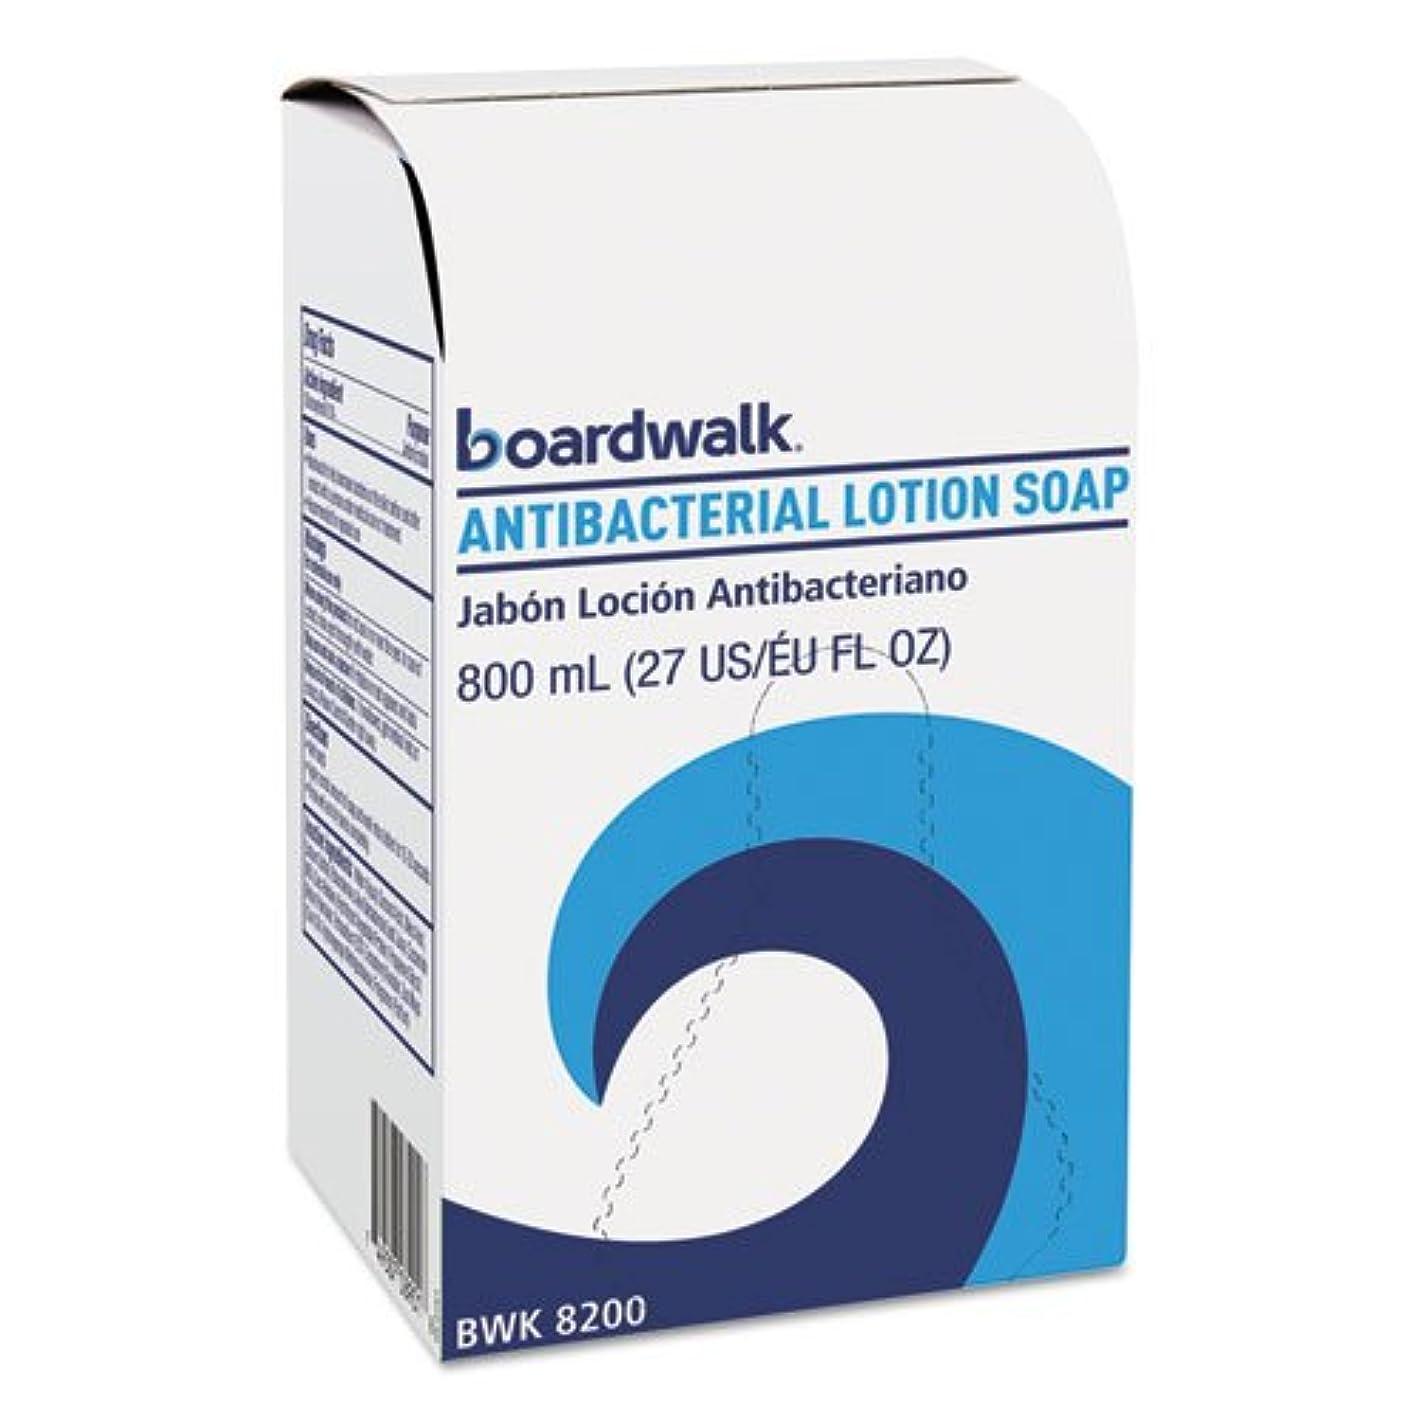 教えむき出しインシュレータボードウォークantibacterial soap?–?bwk8200ea